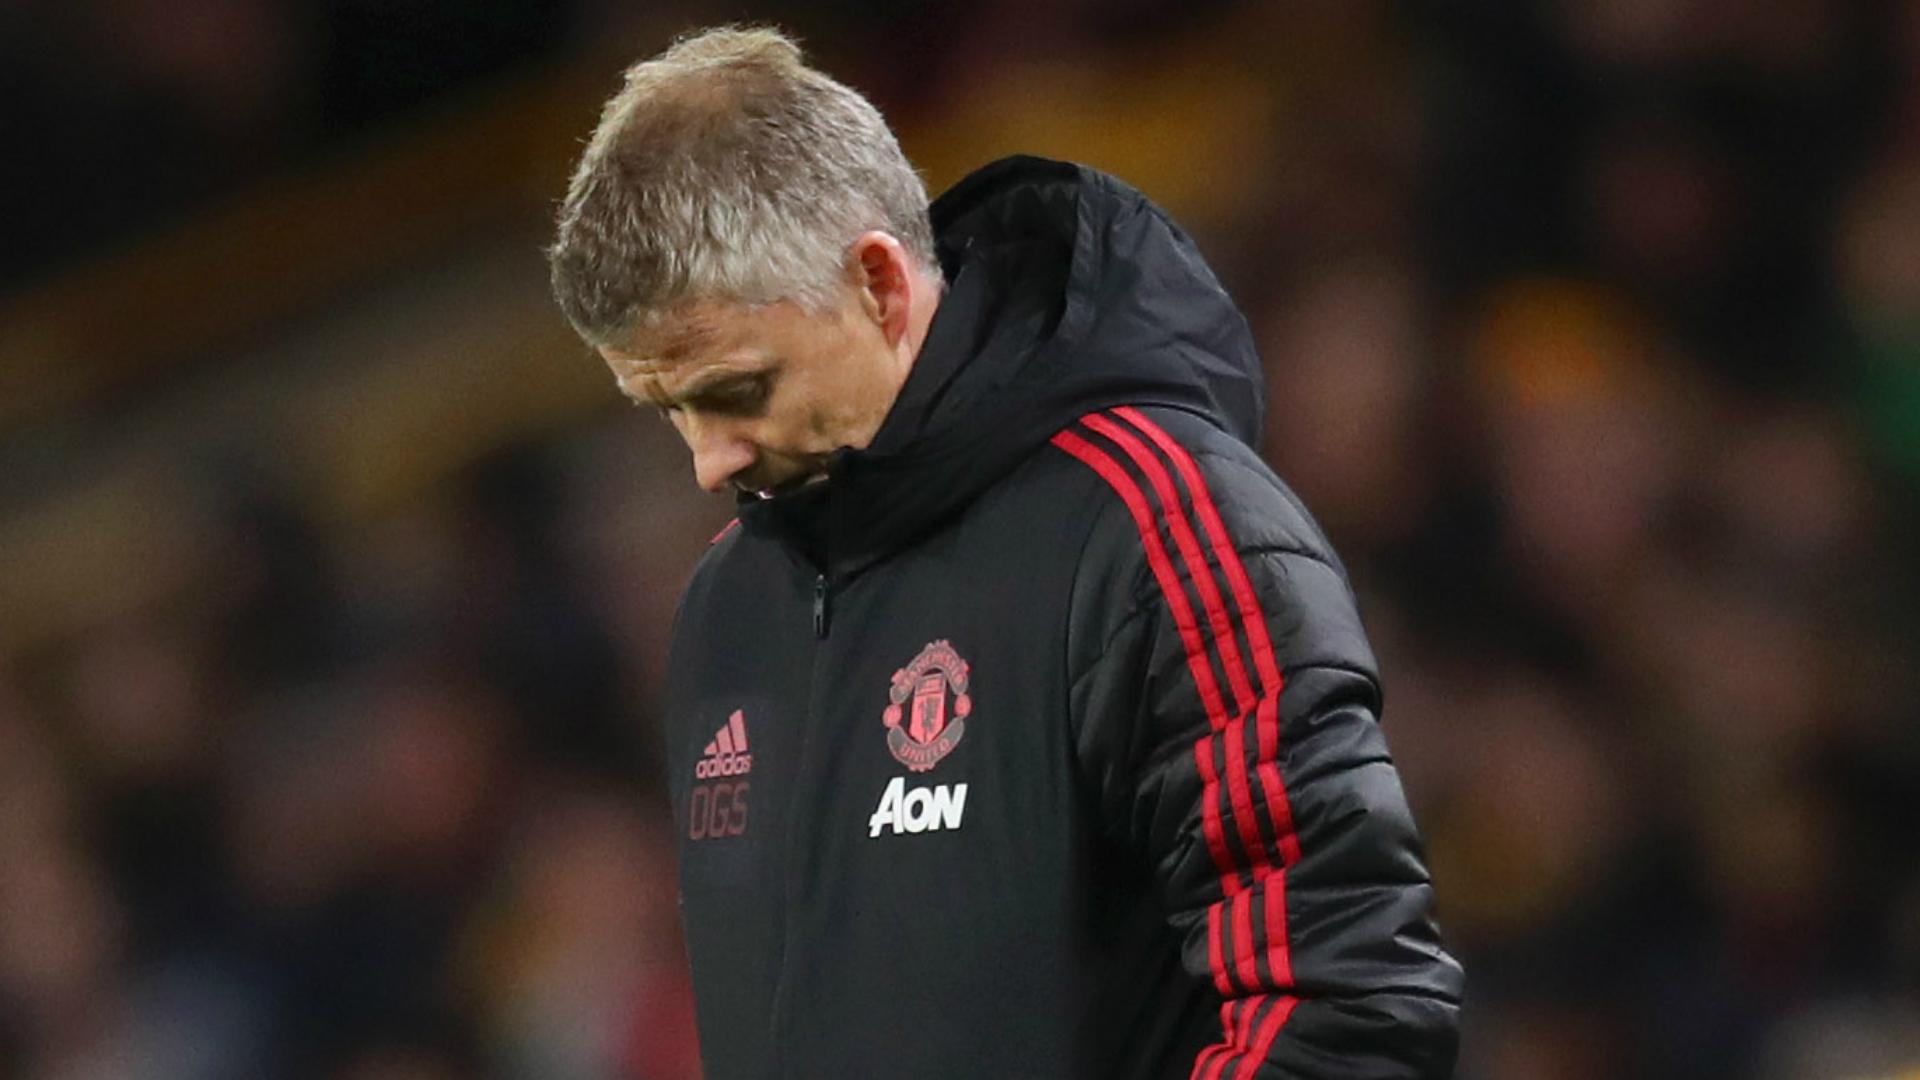 Manchester United will bounce back, Solskjaer promises fans